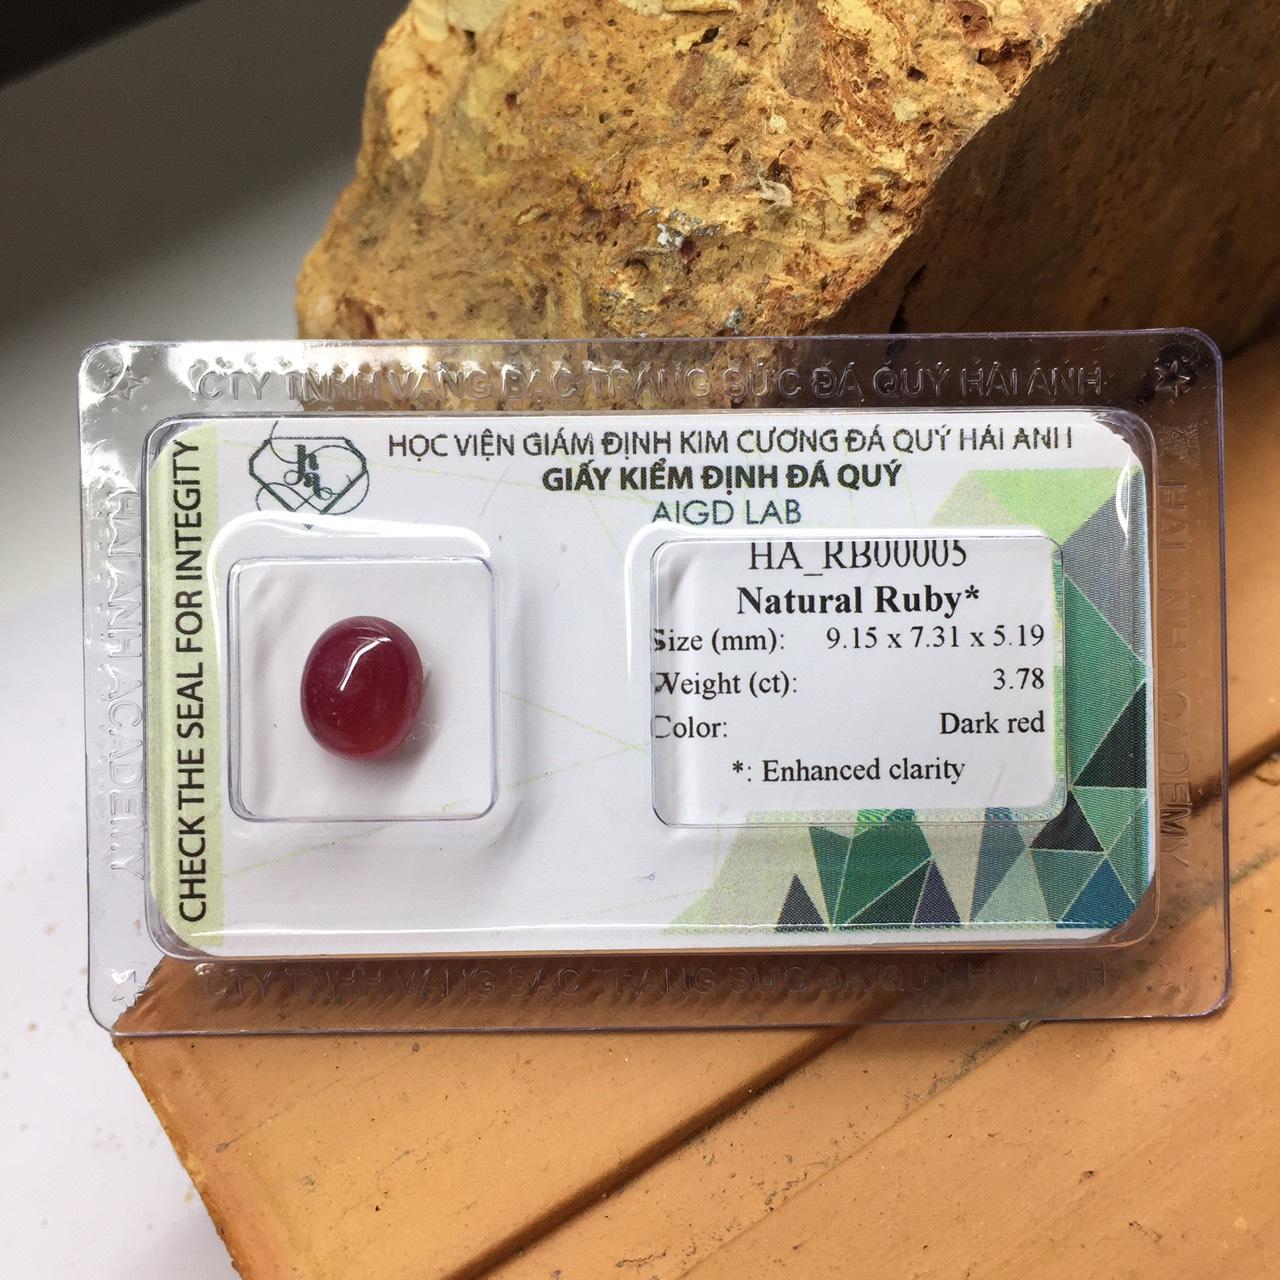 Viên đá Ruby thiên nhiên_HA-RB00005